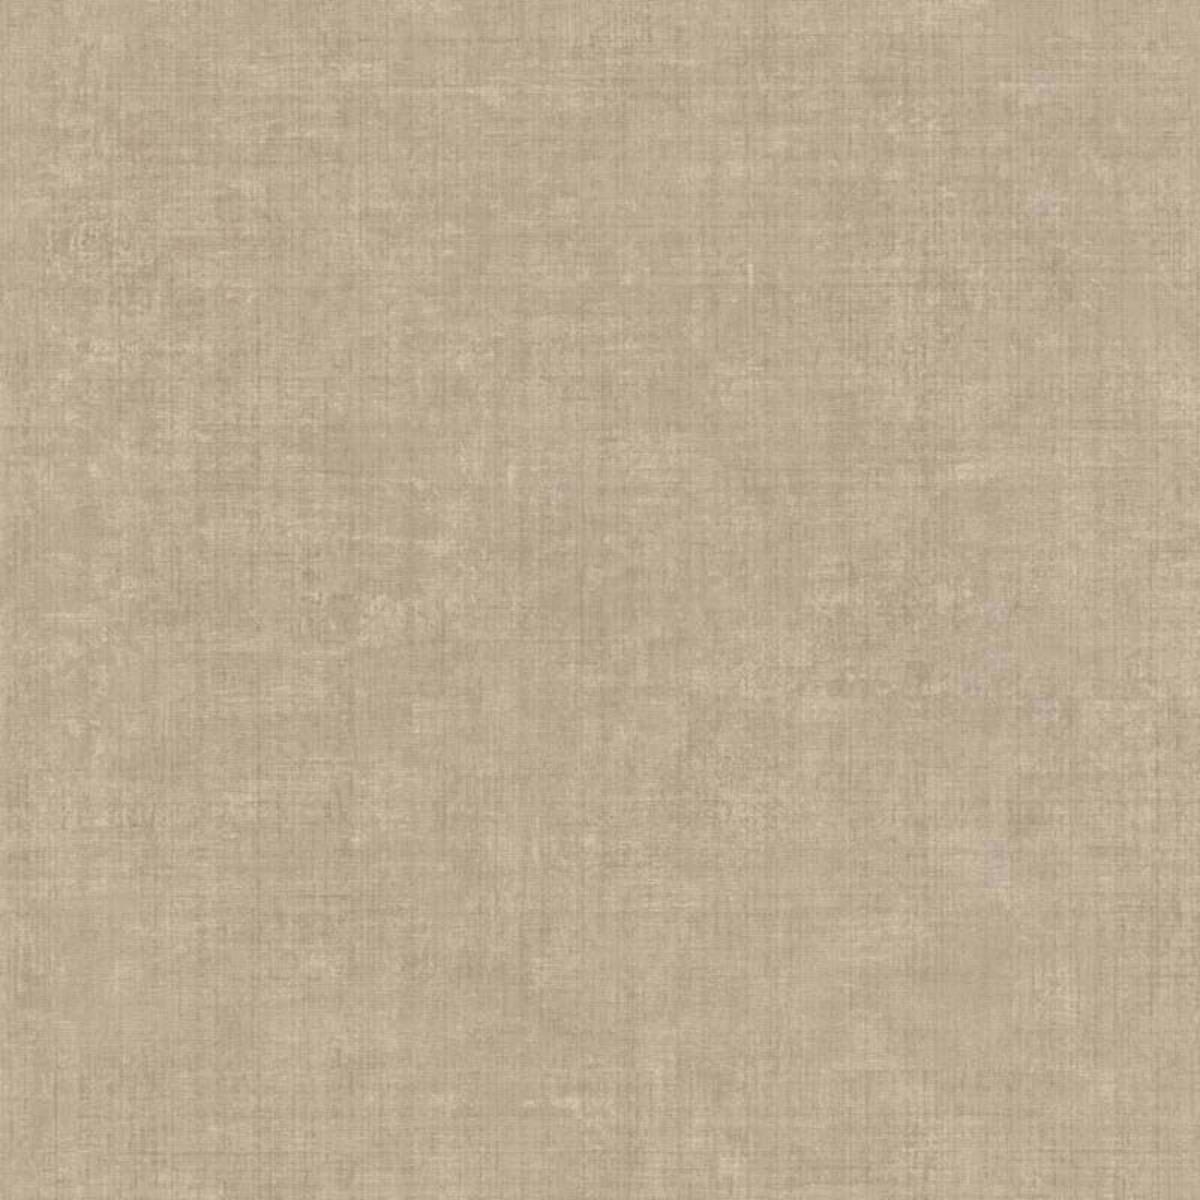 Обои флизелиновые Lutece Spirit коричневые 0.53 м 28170818